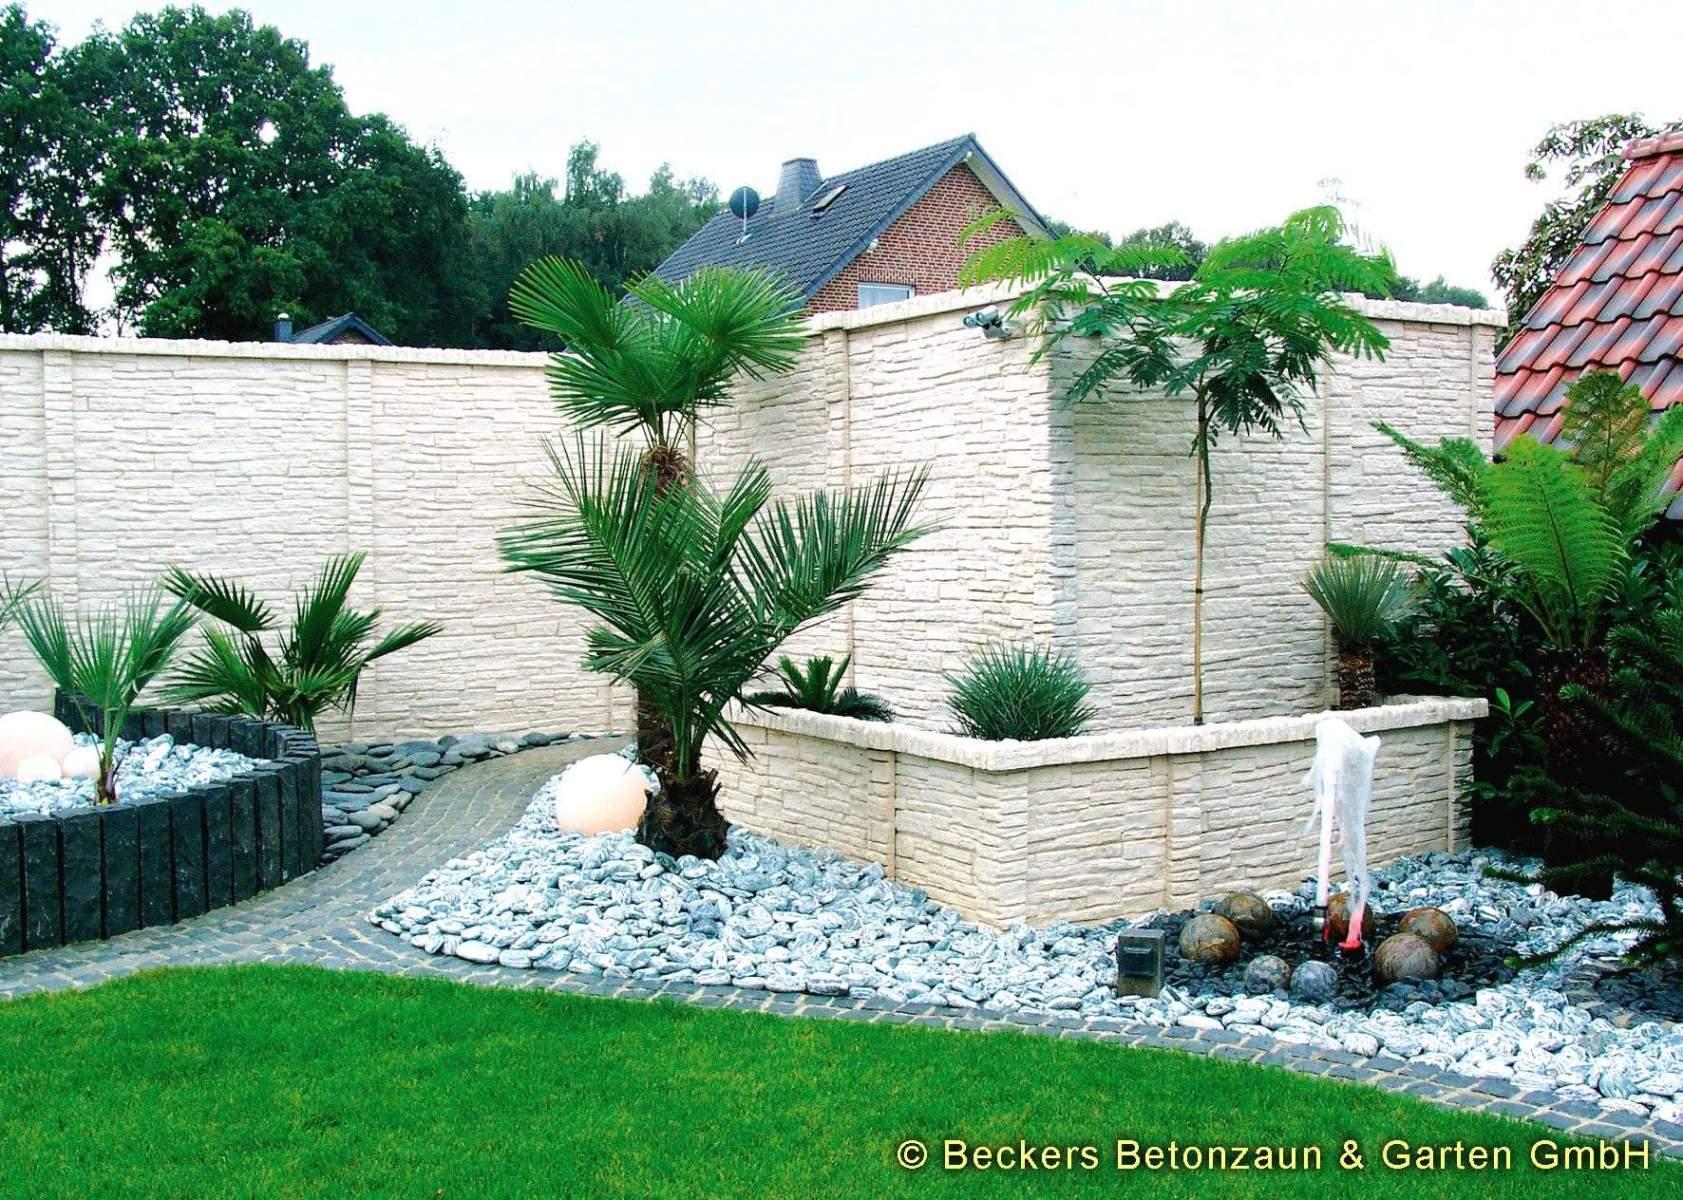 Gartengestaltung Kleine Gärten Ohne Rasen Schön Gartengestaltung Kleine Gärten — Temobardz Home Blog